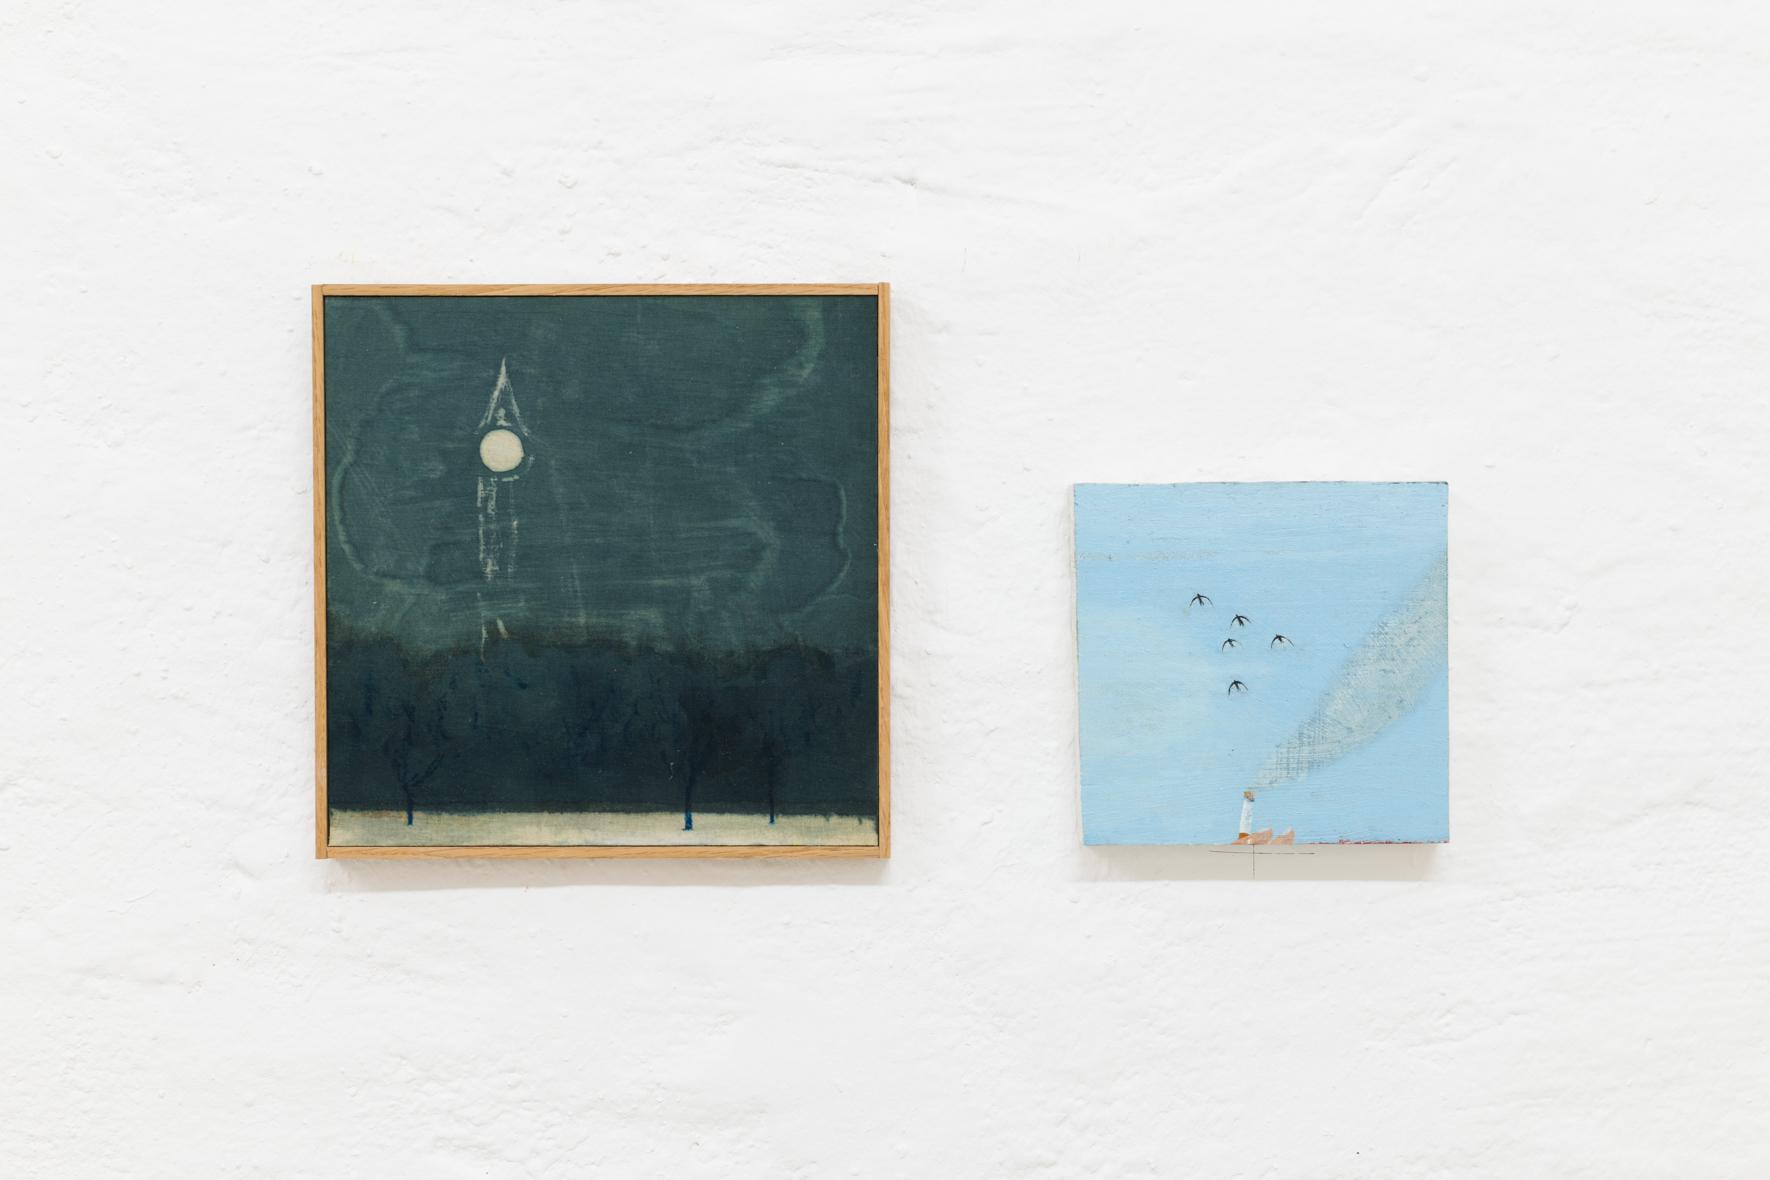 Eiko Gröschl, O.T., 2017; Eiko Gröschl, O.T. (1), 2017